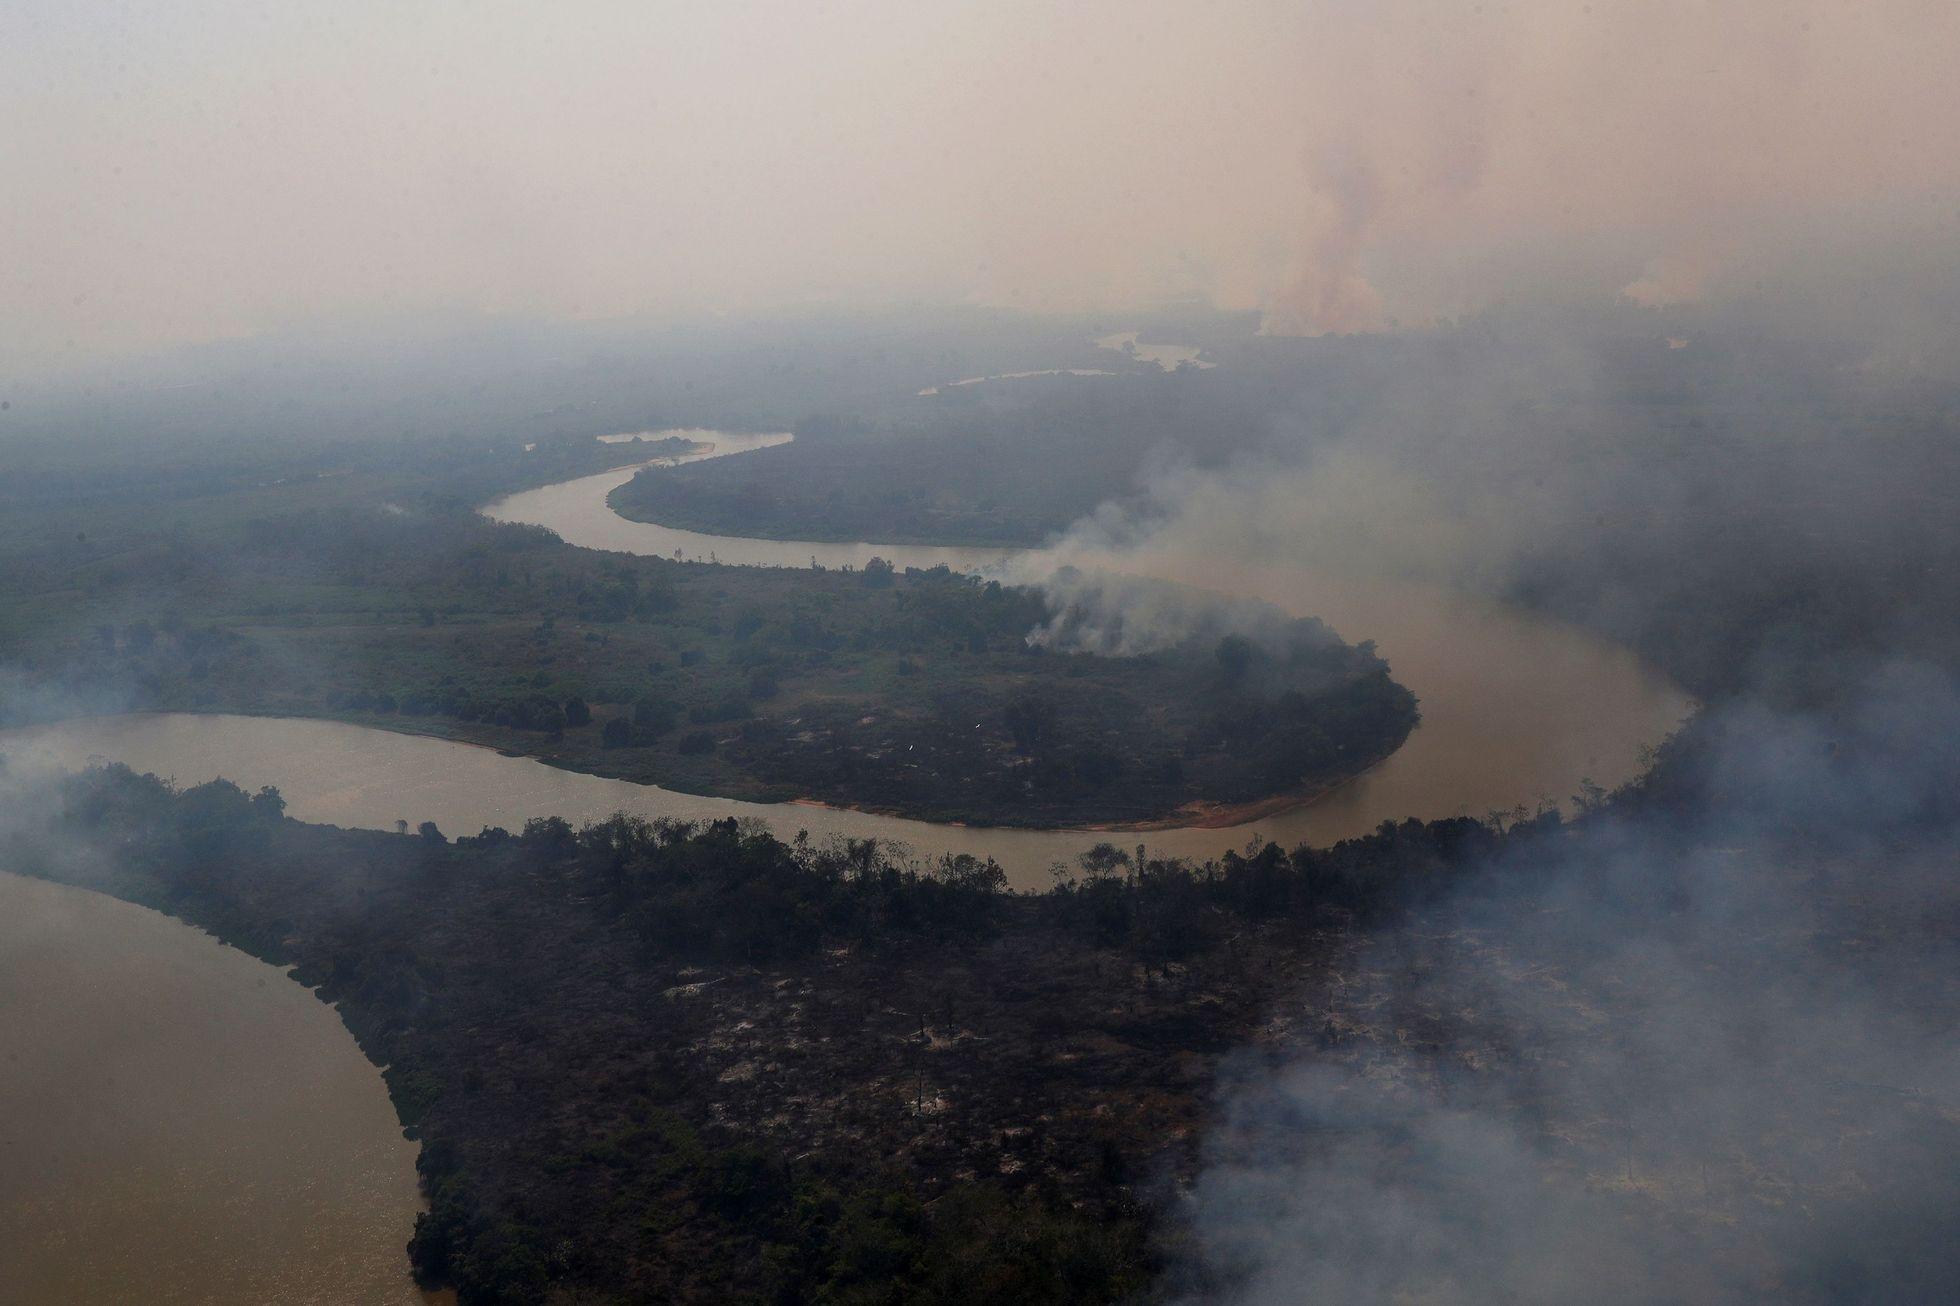 Pantanal je mokřad, tedy z podstaty velmi vlhká oblast. Během období dešťů, které trvá zhruba od listopadu do dubna, ho zaplaví voda z řek.